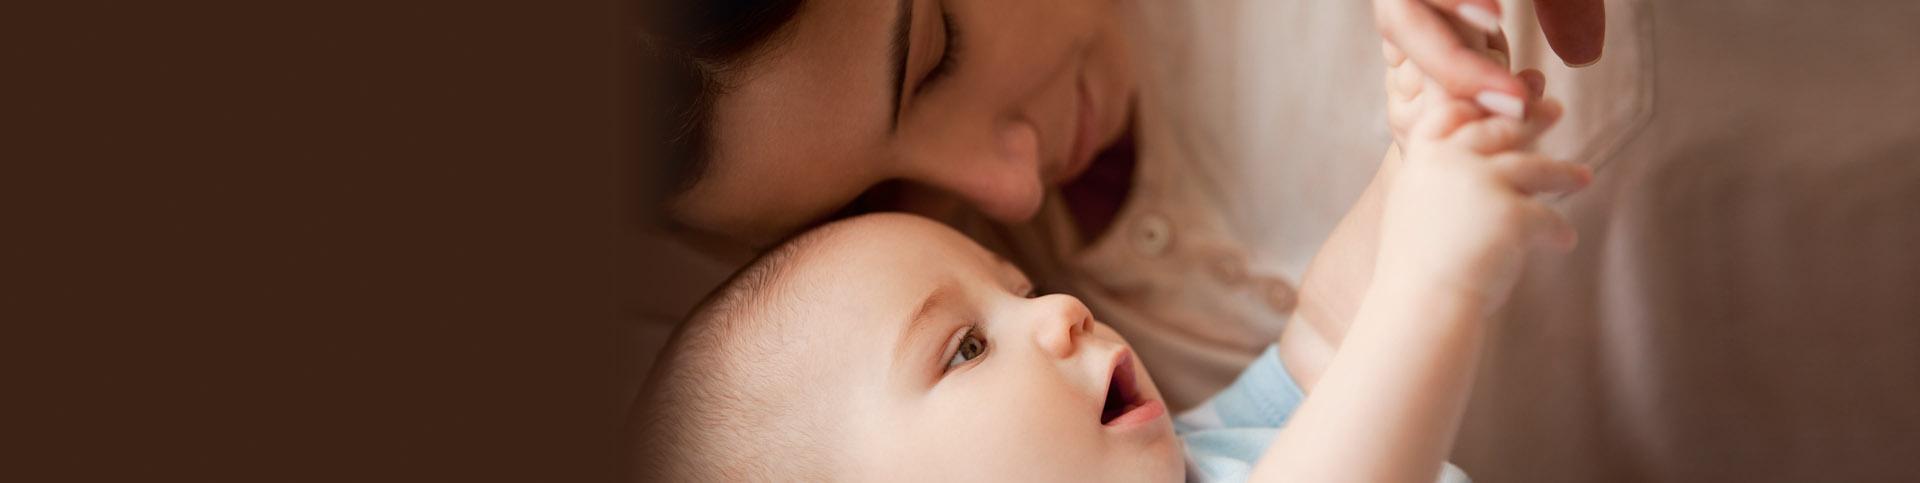 Mujer y bebé en primer plano recostados.